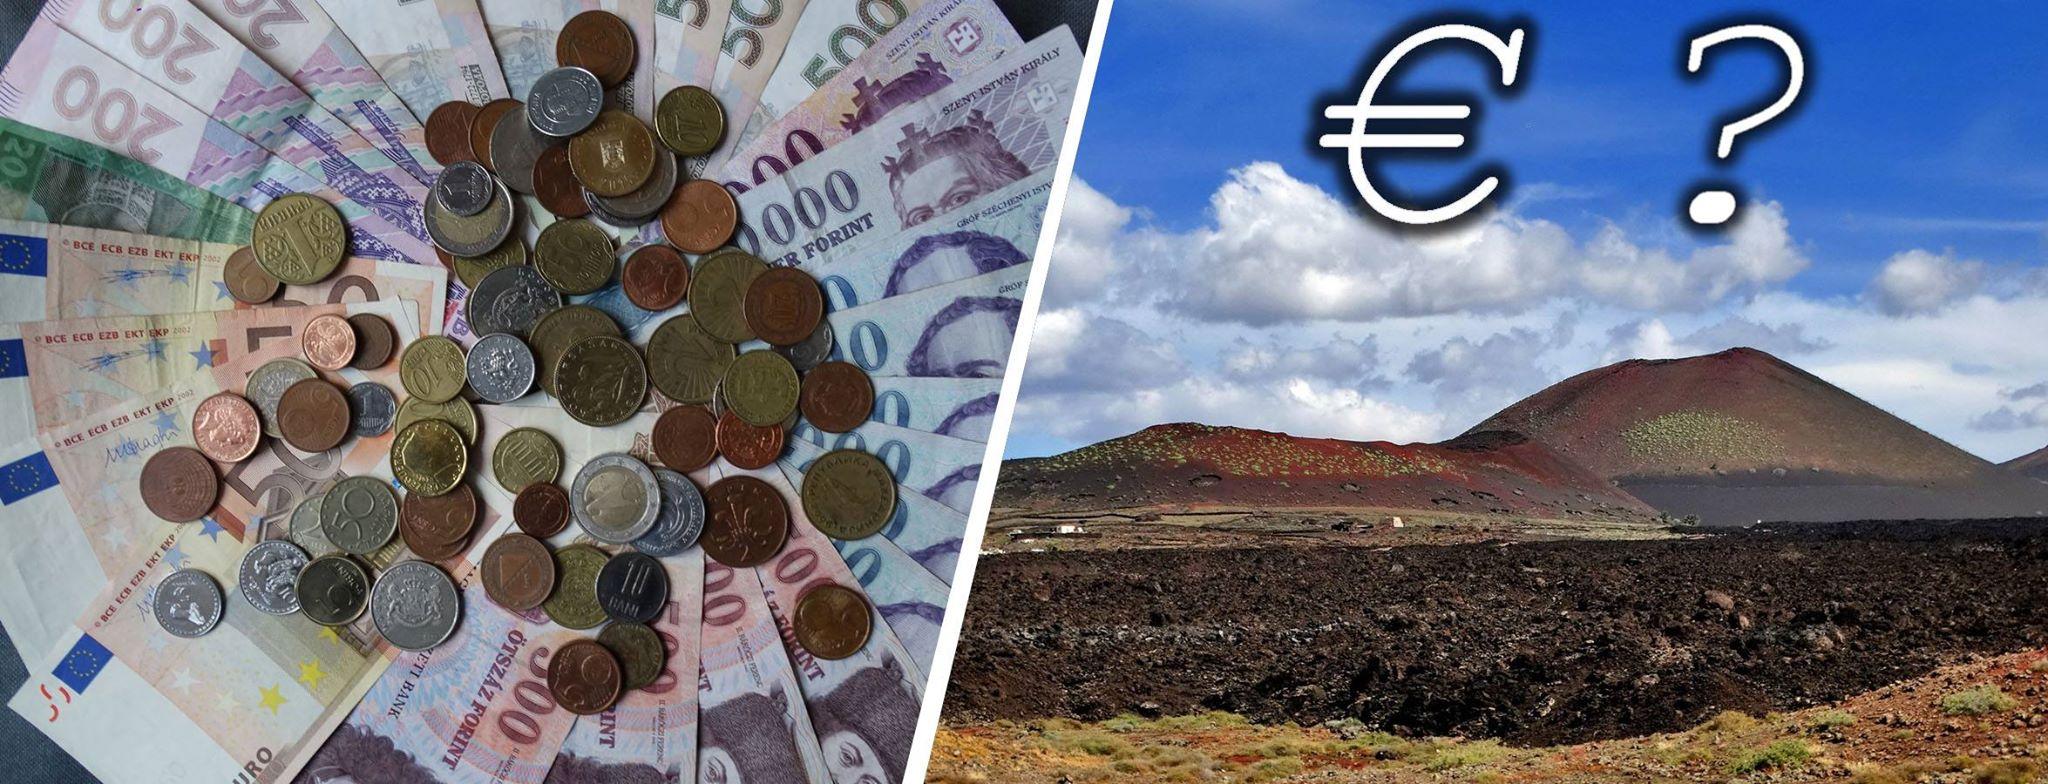 Wyspy Kanaryjskie na własną rękę – ile nas kosztował wyjazd?